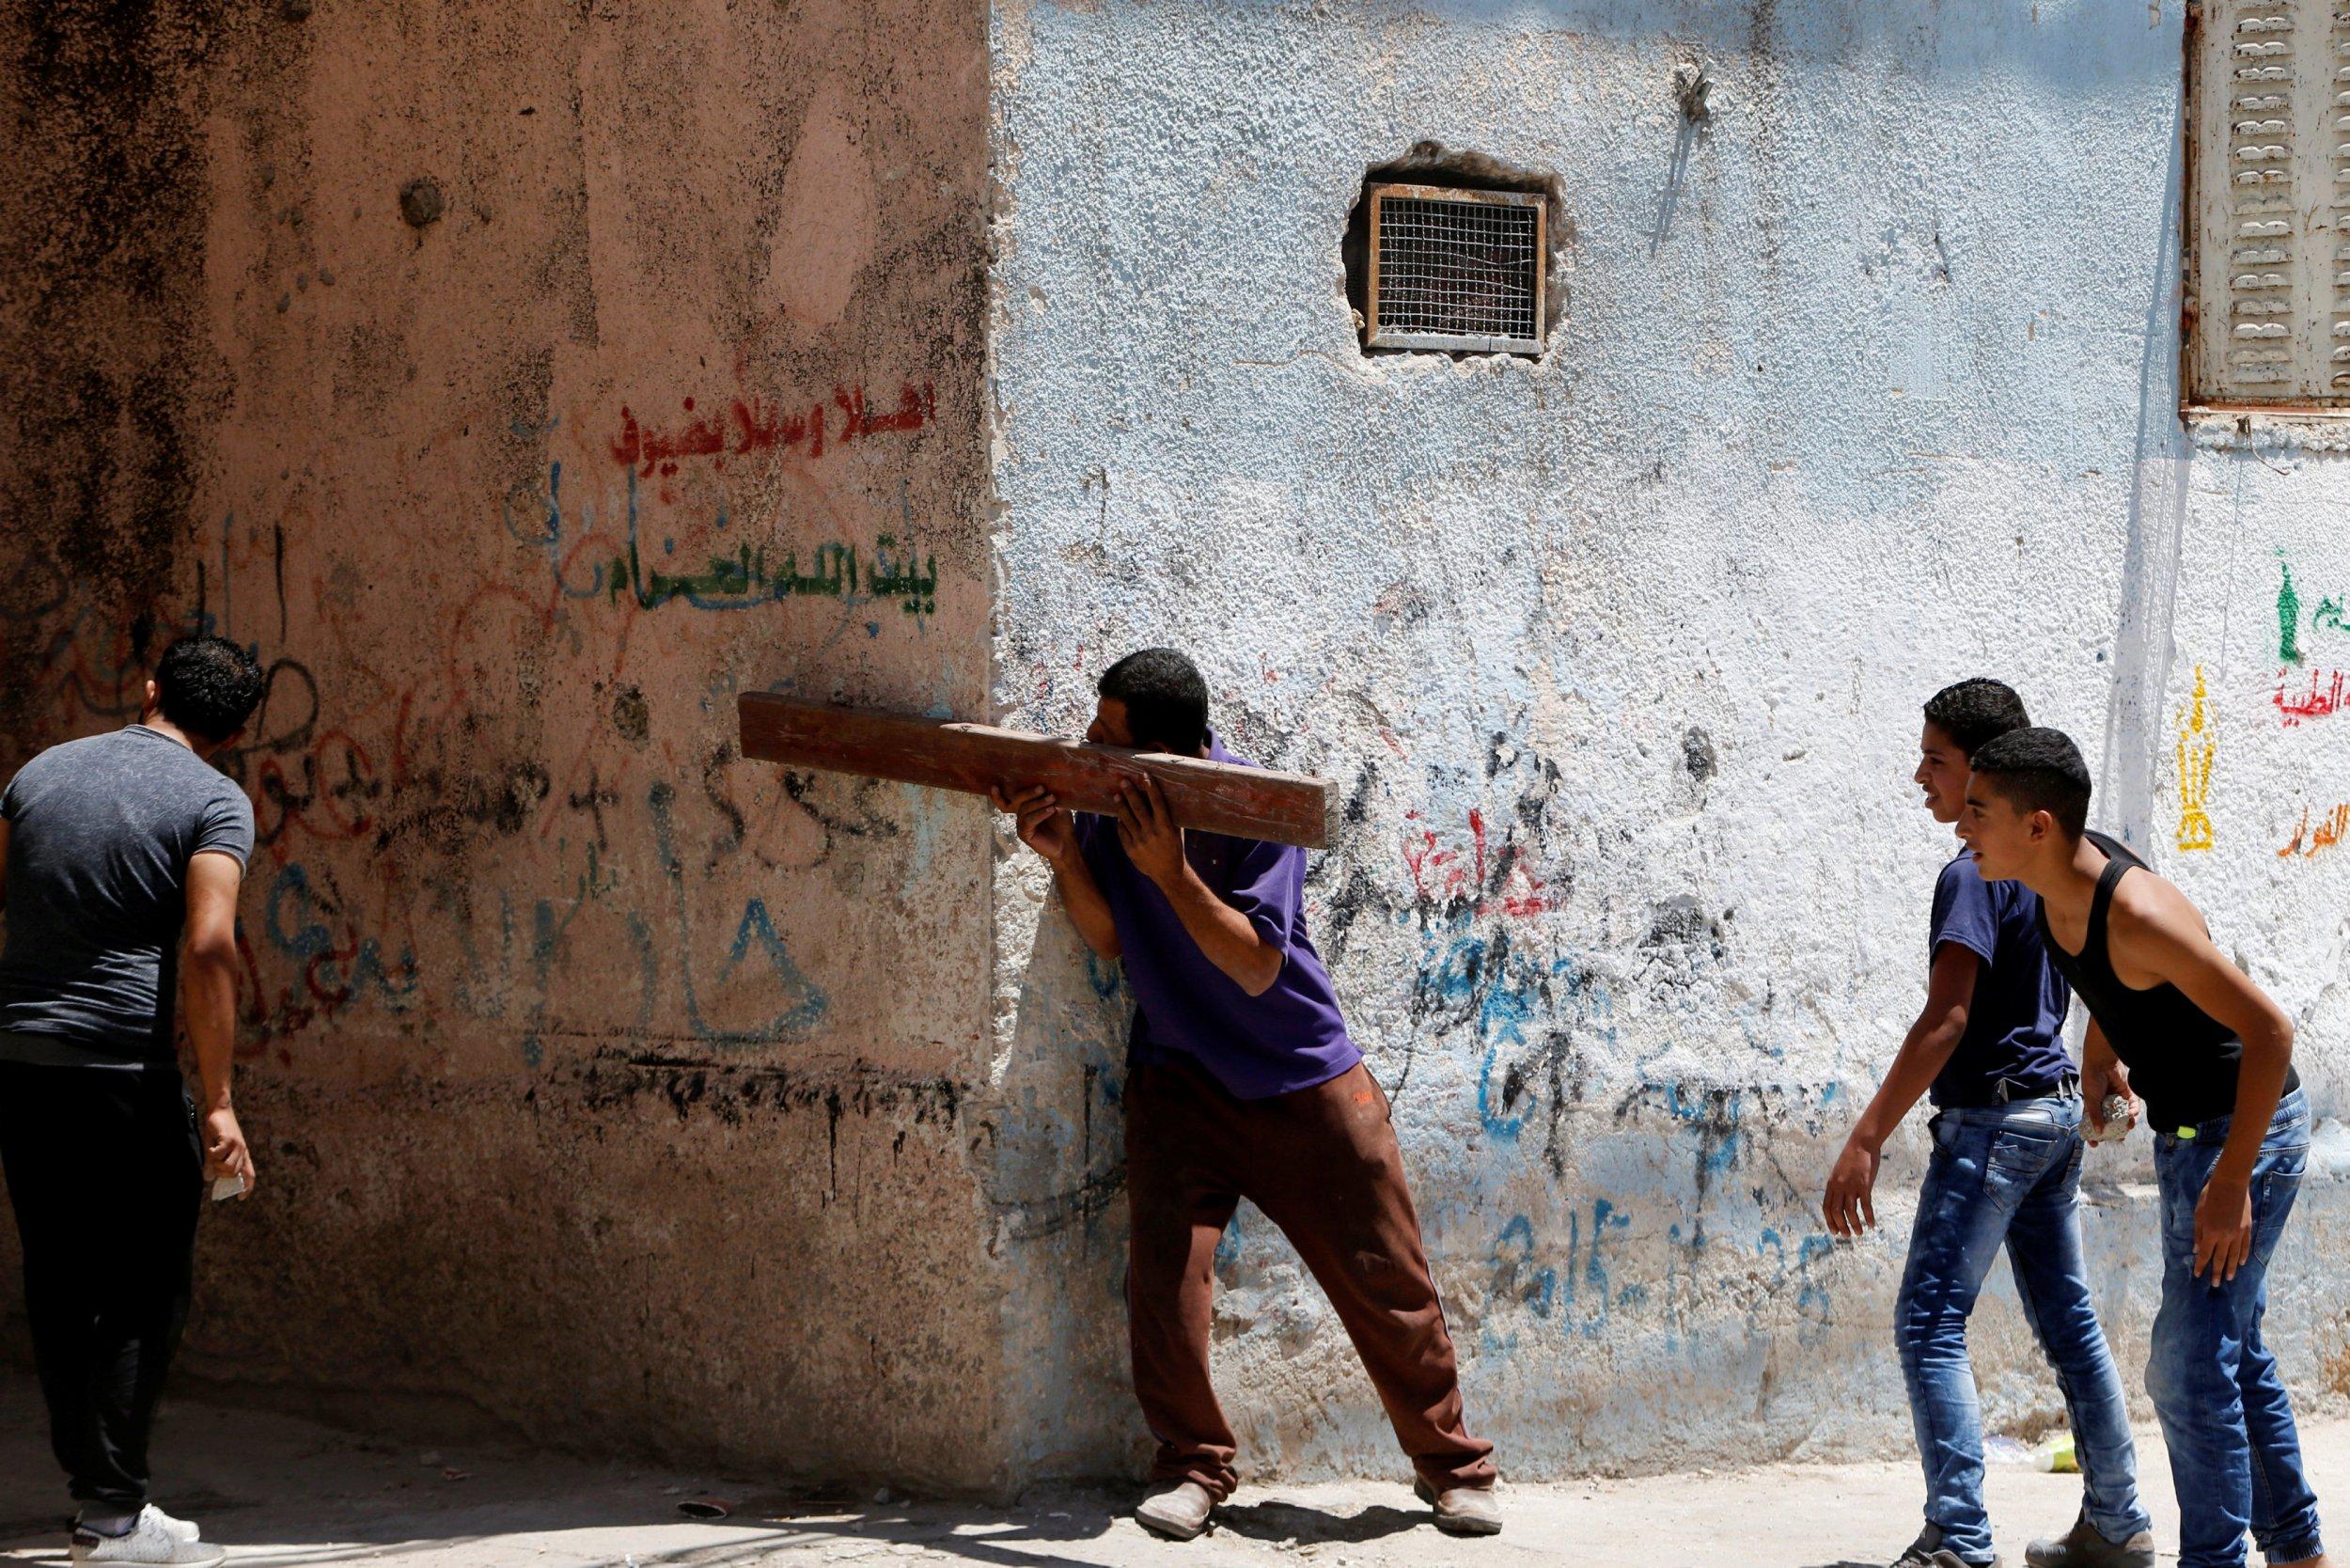 08_19_Israel_Palestine_01